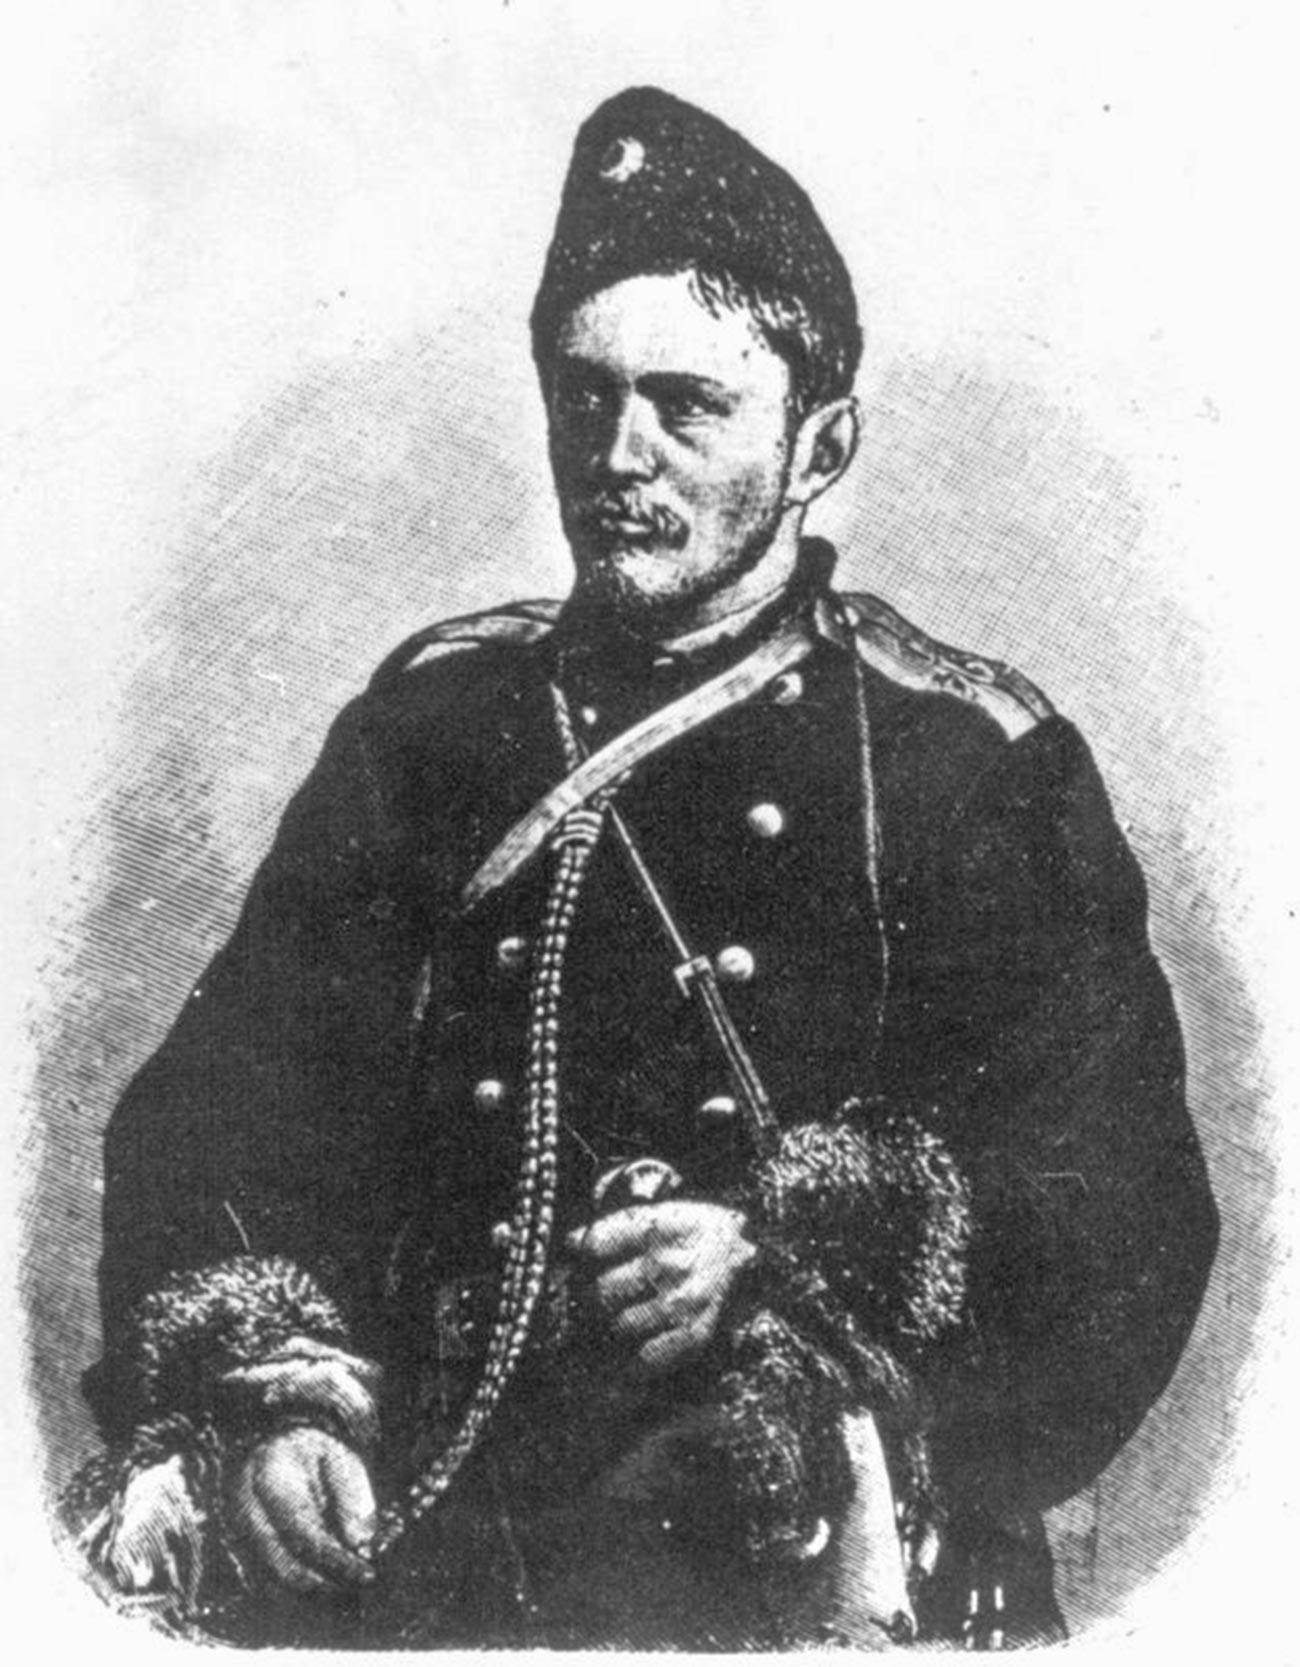 Dmitrij Nikolajevič Pješkov, amurski kozak